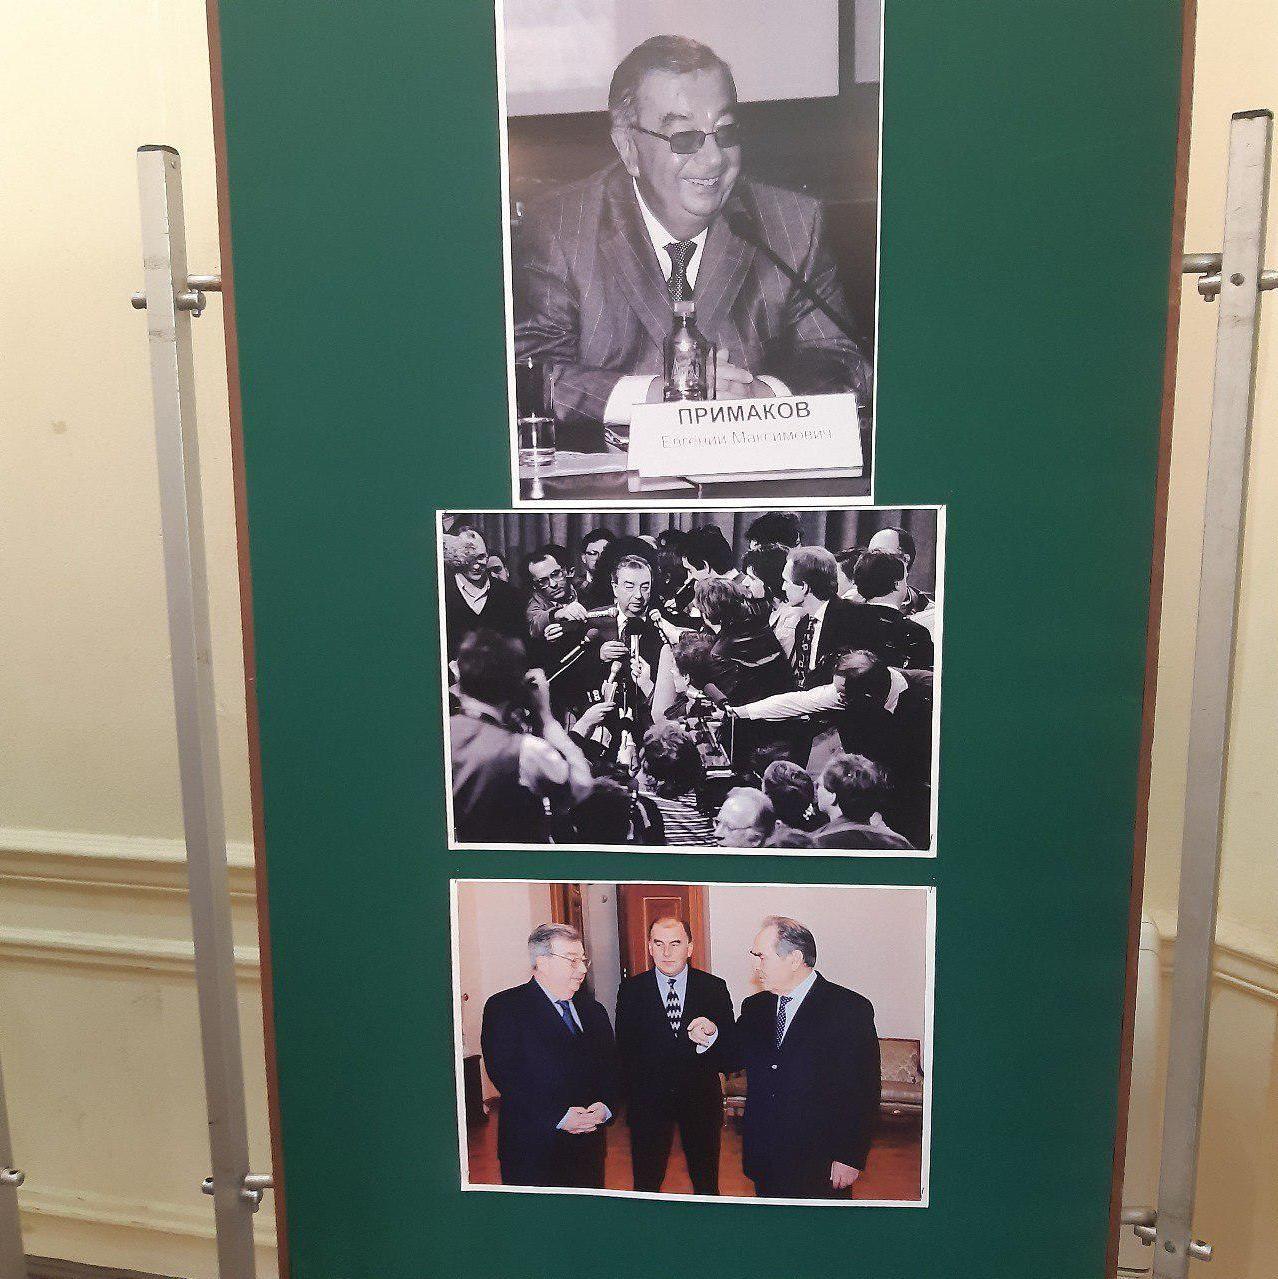 لقطات تلخص مسيرة رئيس الحكومة الروسية السابق يفغيني بريماكوف في المركز الثقافي الروسي بالقاهرة احتفالا بذكرى ميلاده الـ90، 28 أكتوبر/تشرين الأول 2018